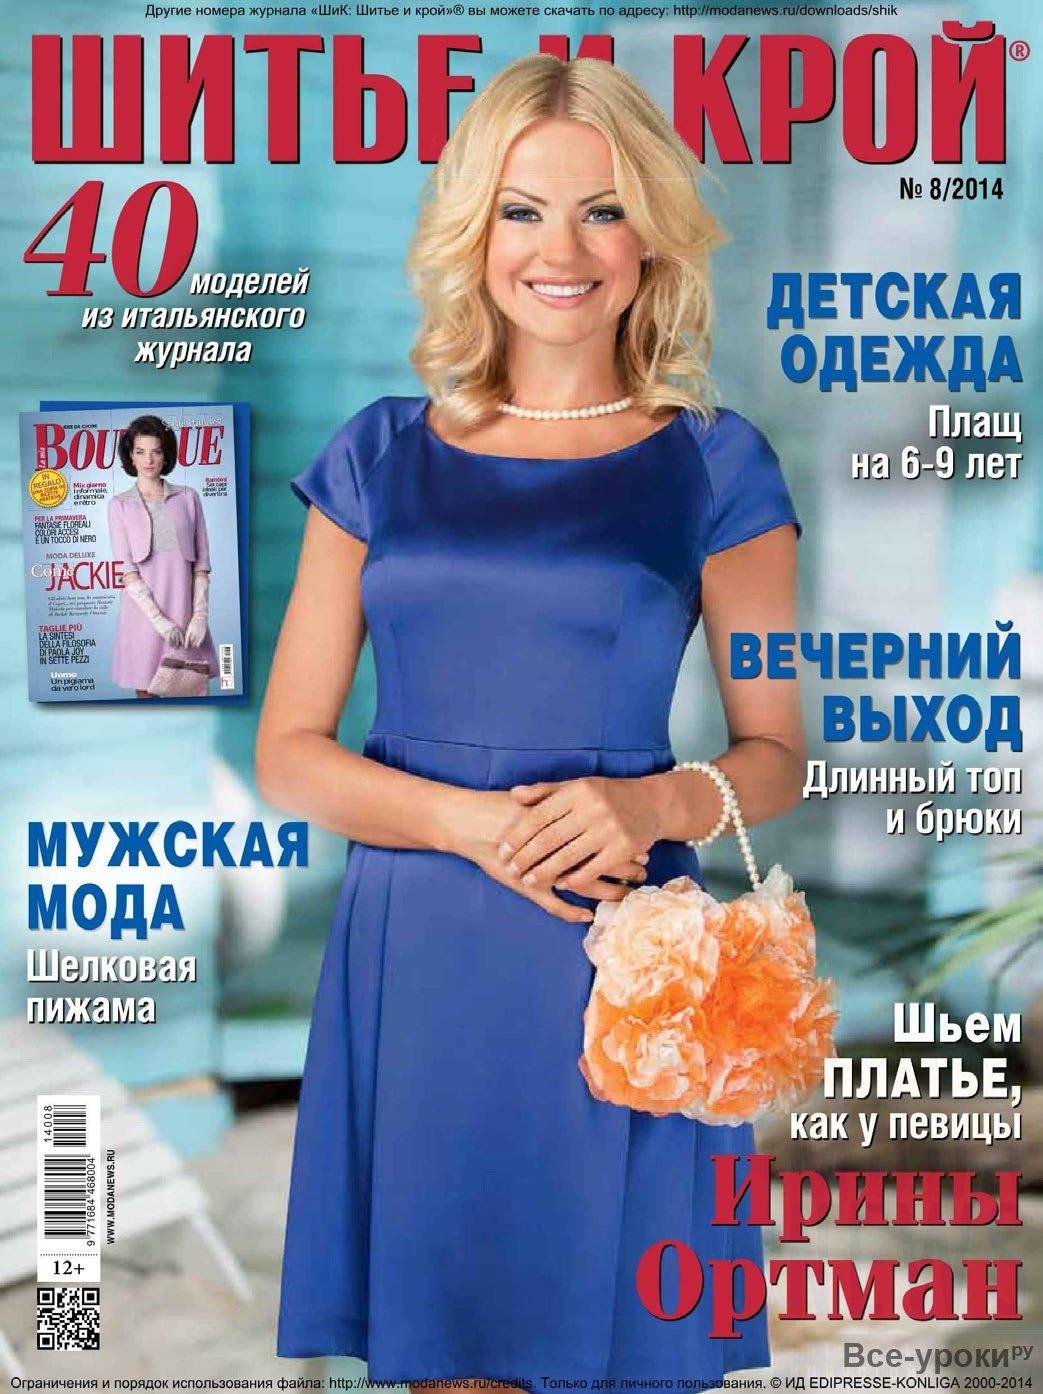 Шитье и крои журнал смотреть